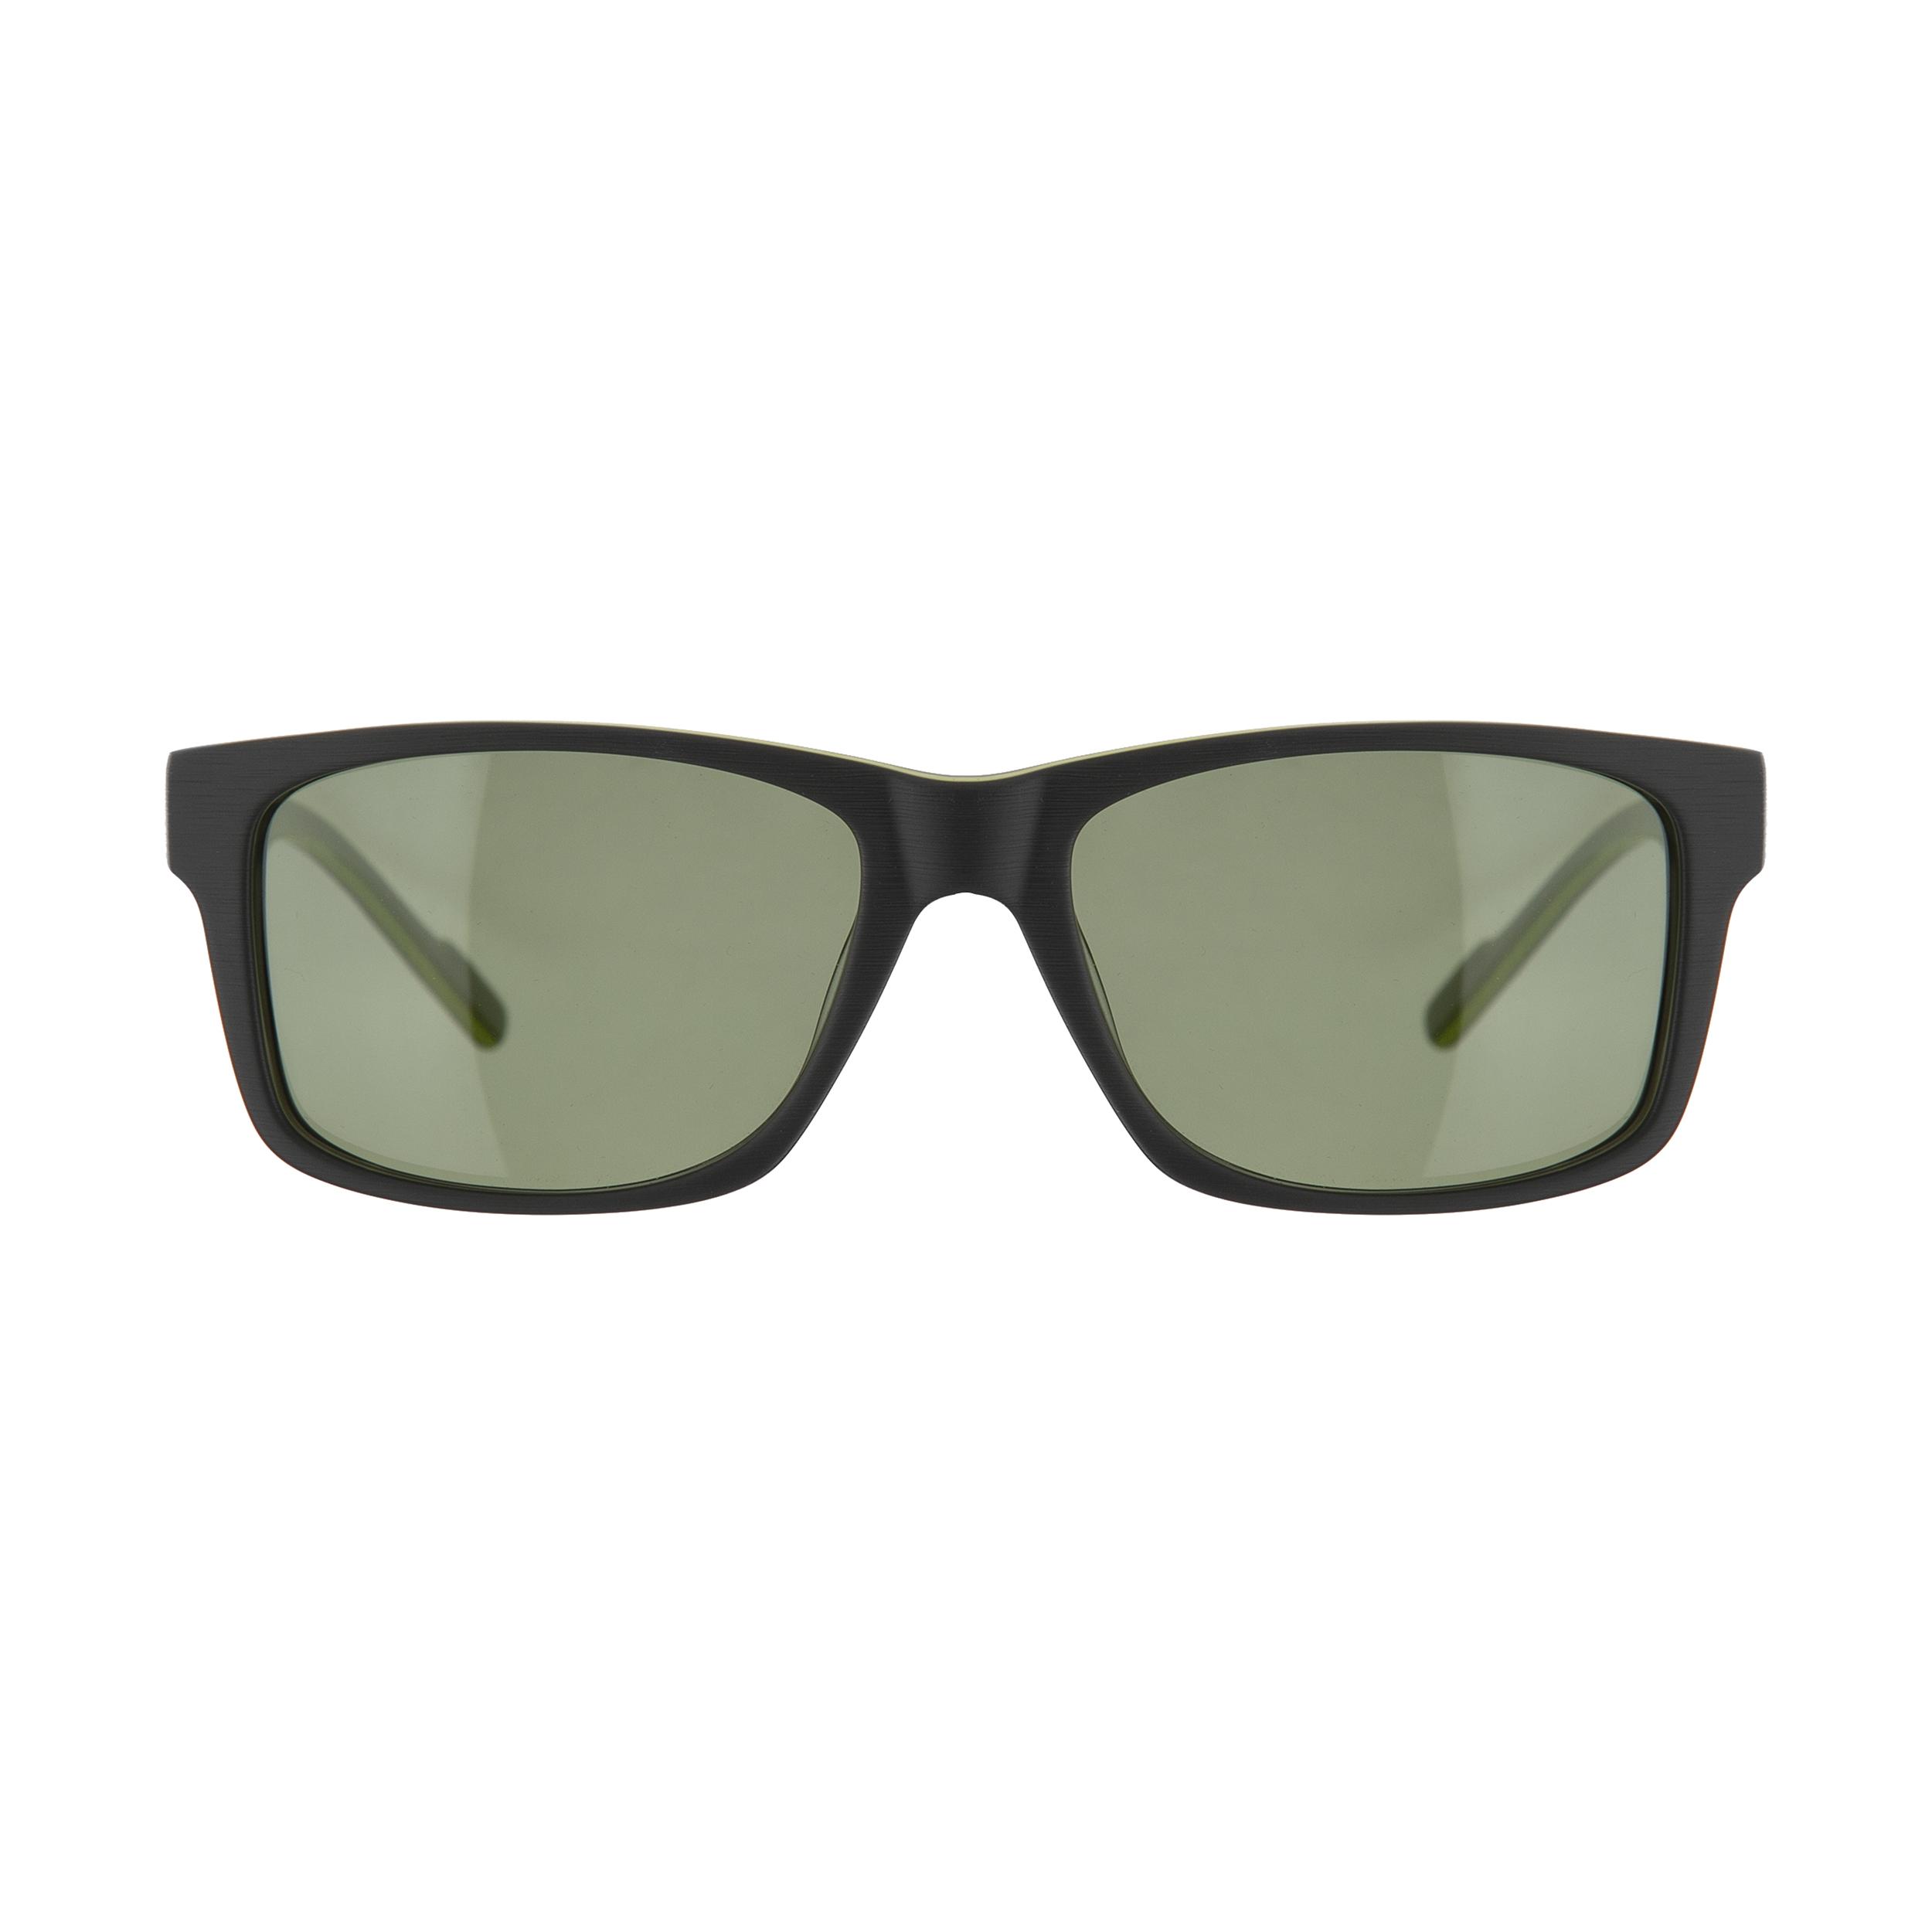 عینک آفتابی روی رابسون مدل 70032002